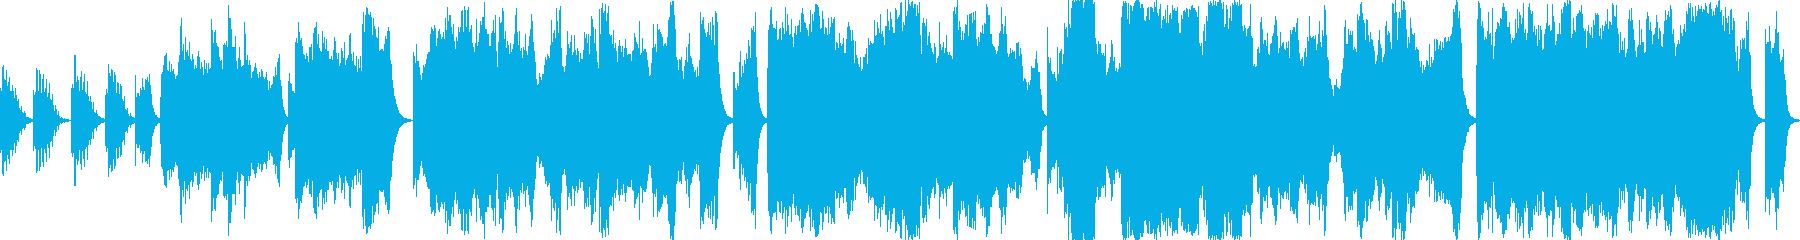 恐怖・緊張感を演出する音響的なBGMの再生済みの波形